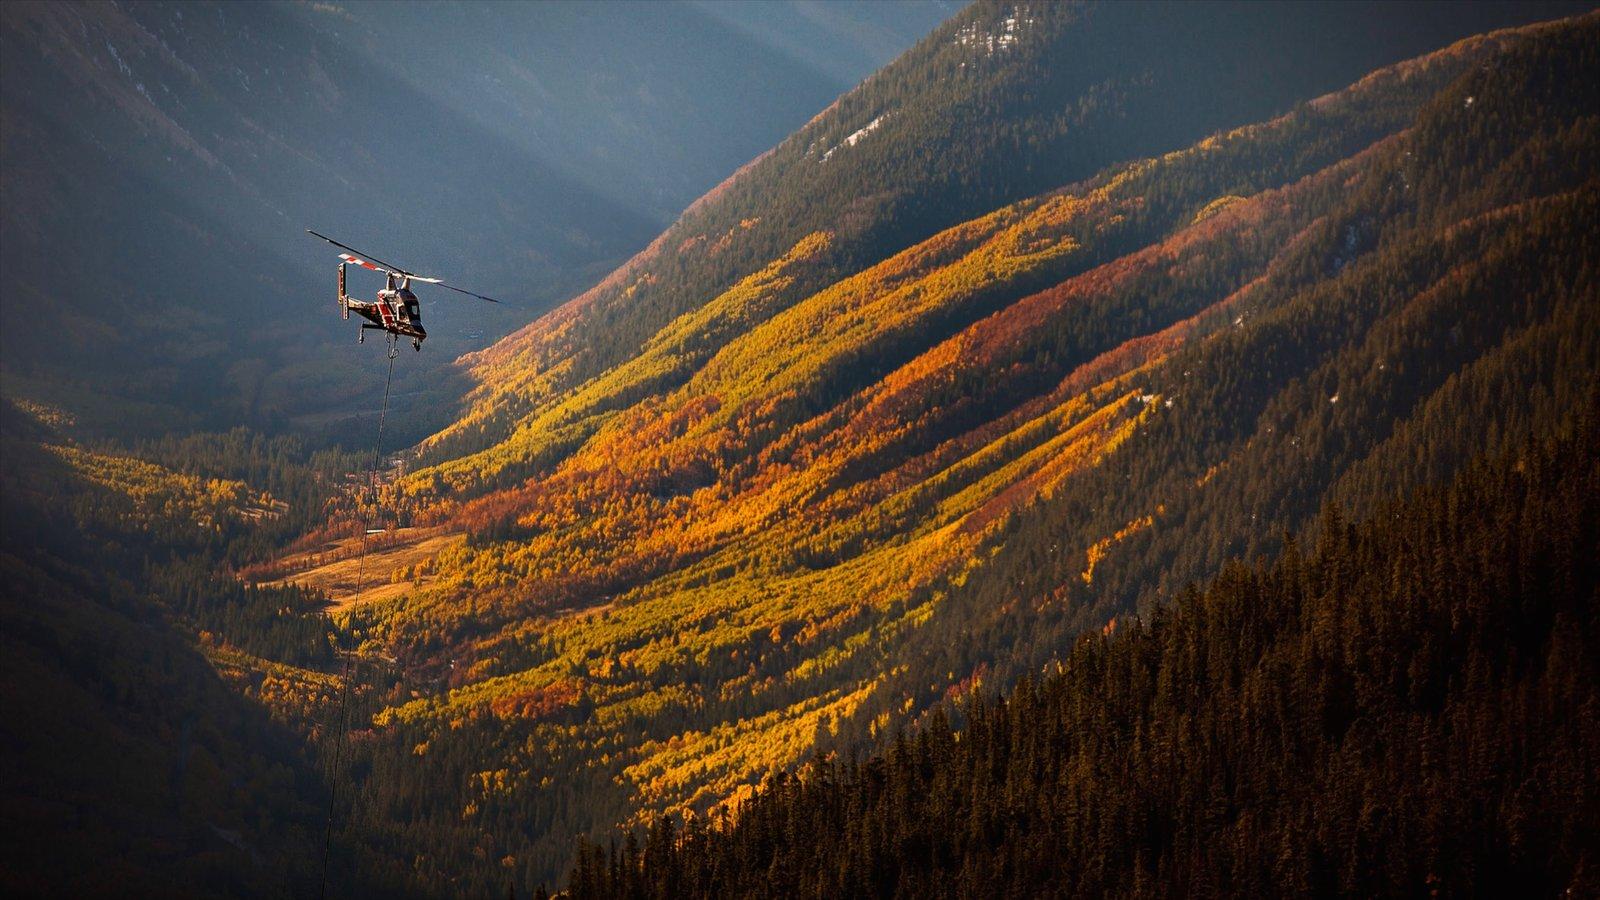 Aspen Highlands mostrando uma aeronave, cenas tranquilas e montanhas